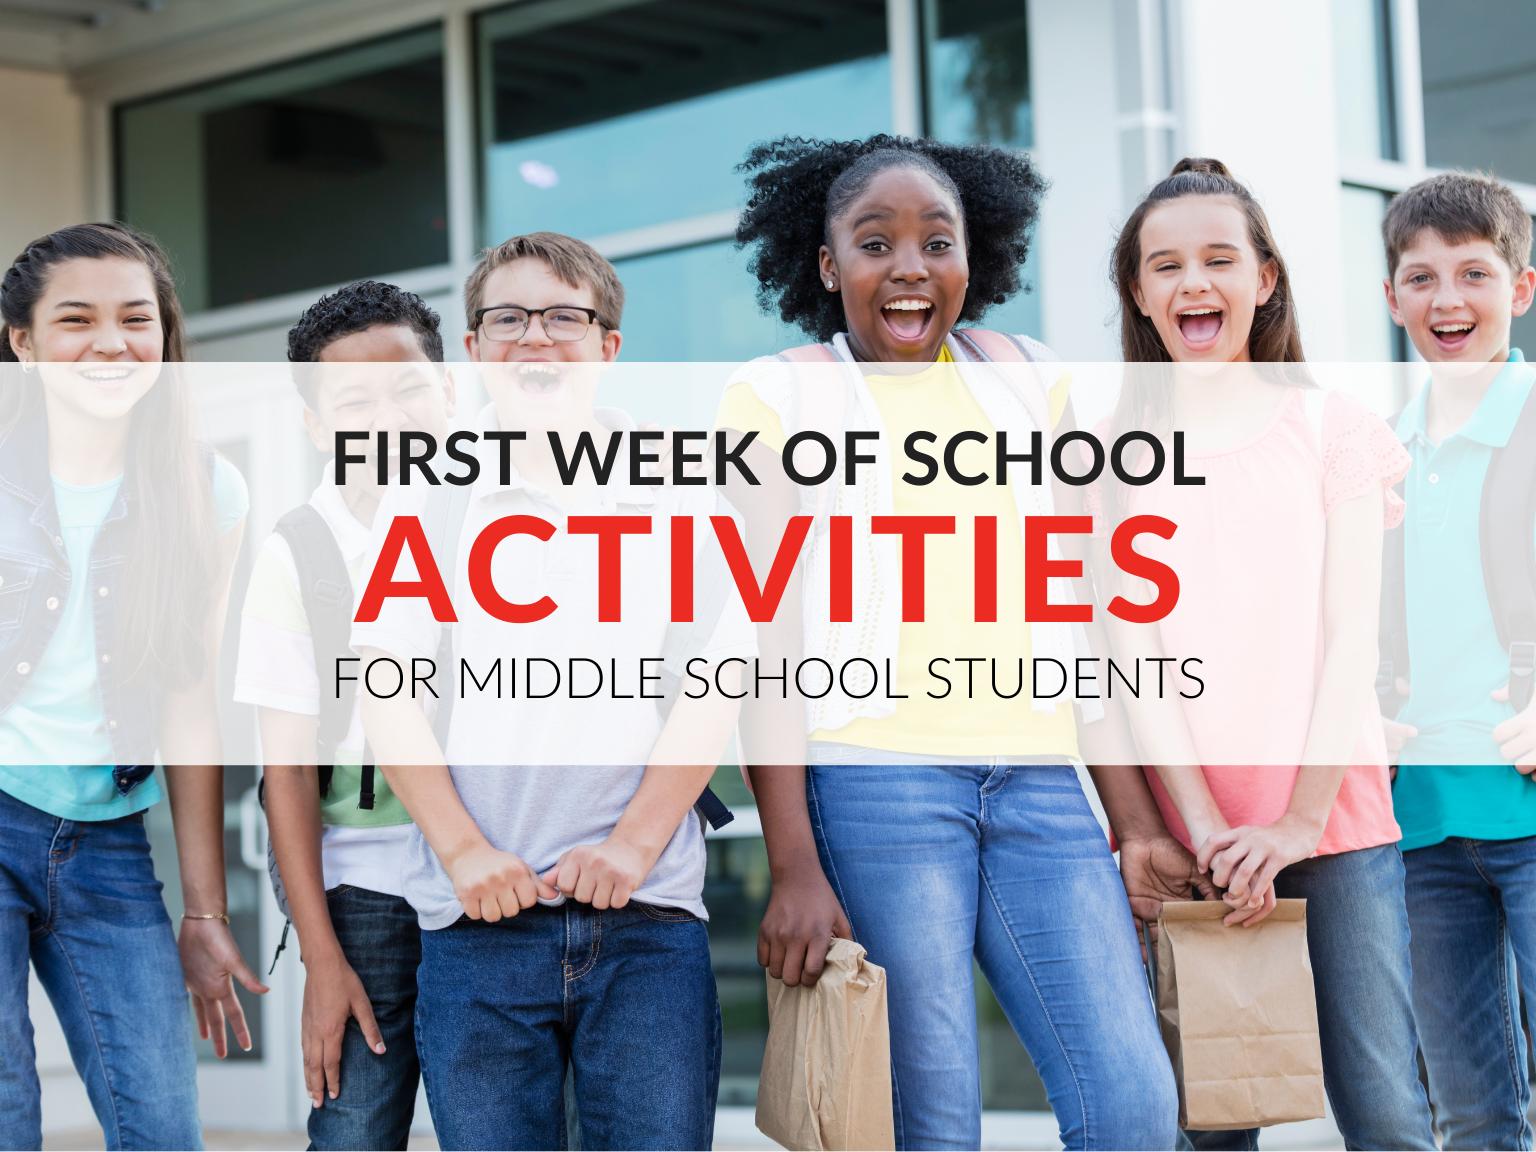 first-week-of-school-activities-middle-school